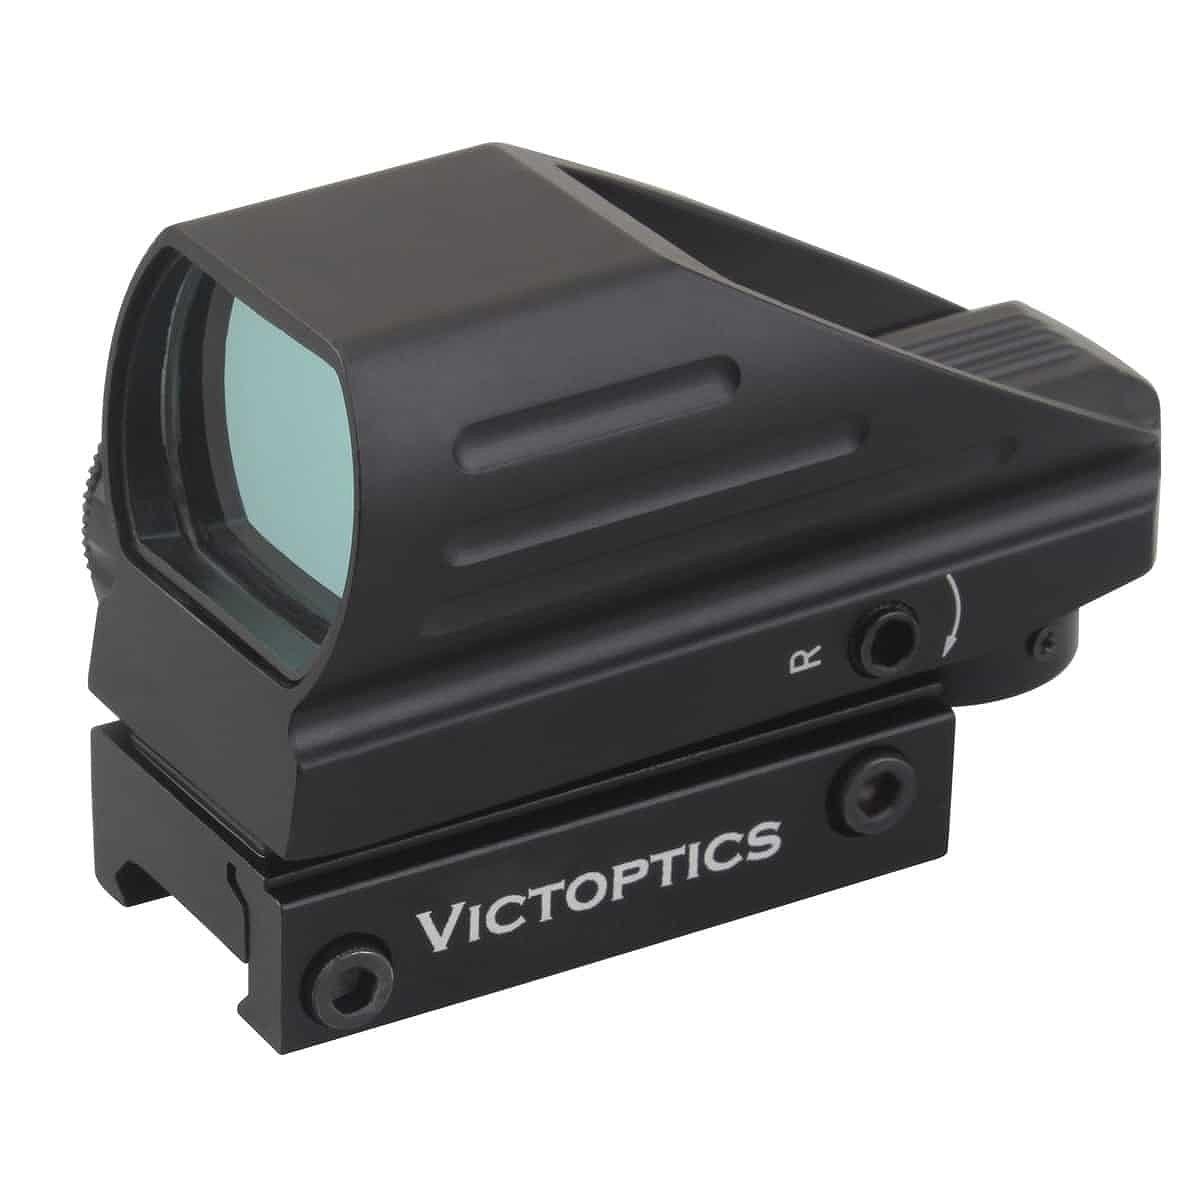 【お届け予定日: 2月28日】ベクターオプティクス ドットサイト 1x22x33  Vector Optics RDSL03